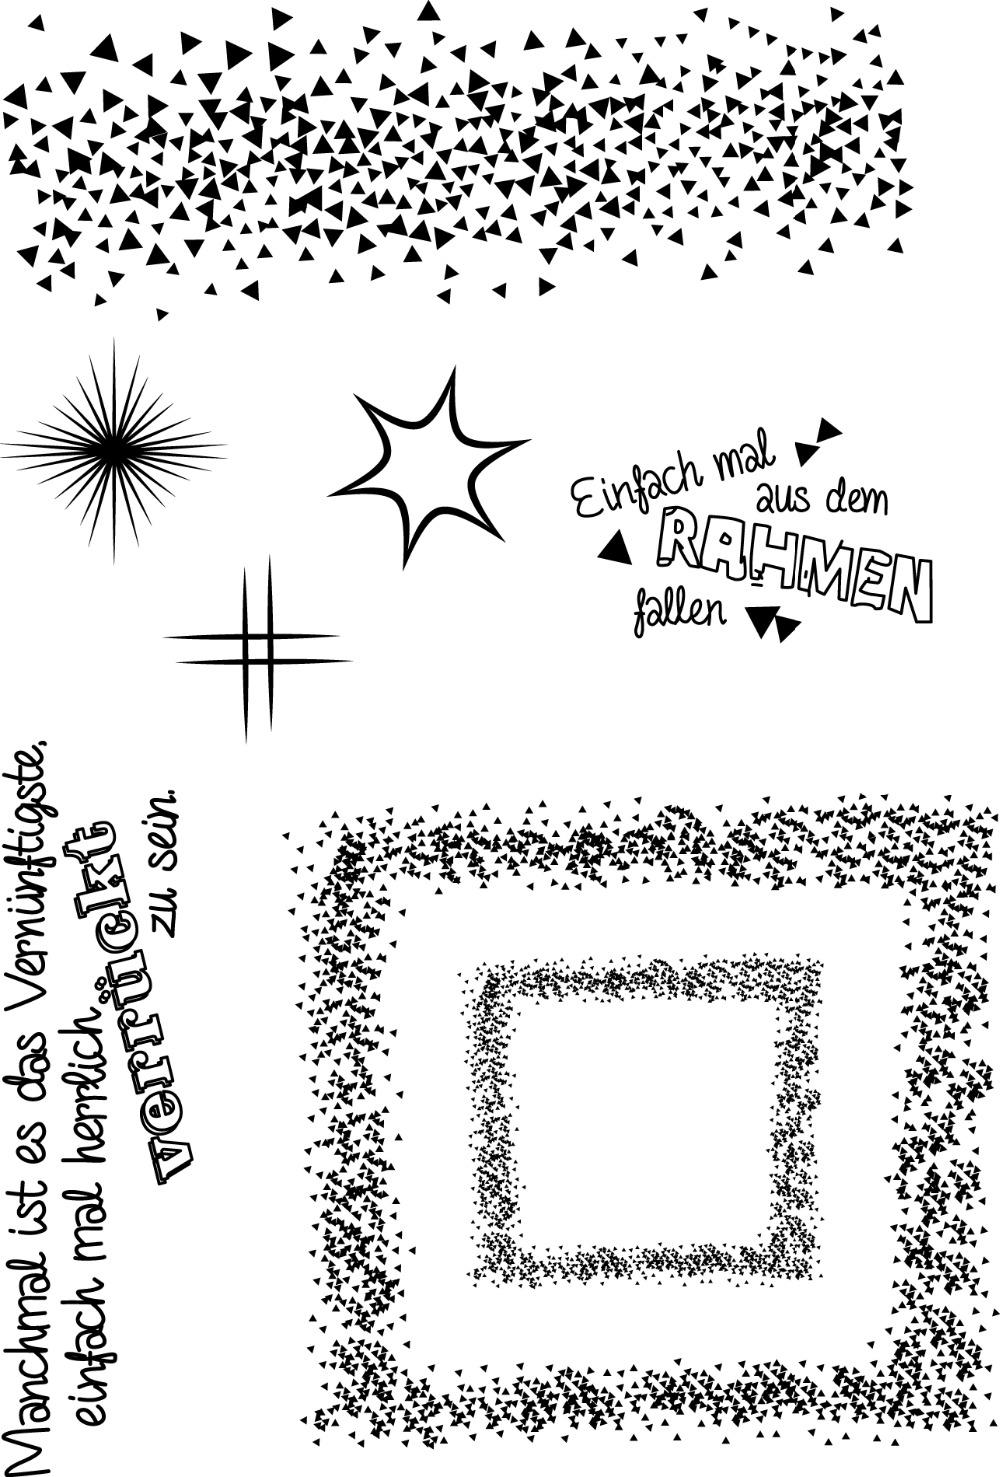 [해외]Star Transparent Clear Silicone Stamp/Seal for DIY scrapbooking/photo album Decorative clear stamp M1294/Star Transparent Clear Silicone Stamp/Sea